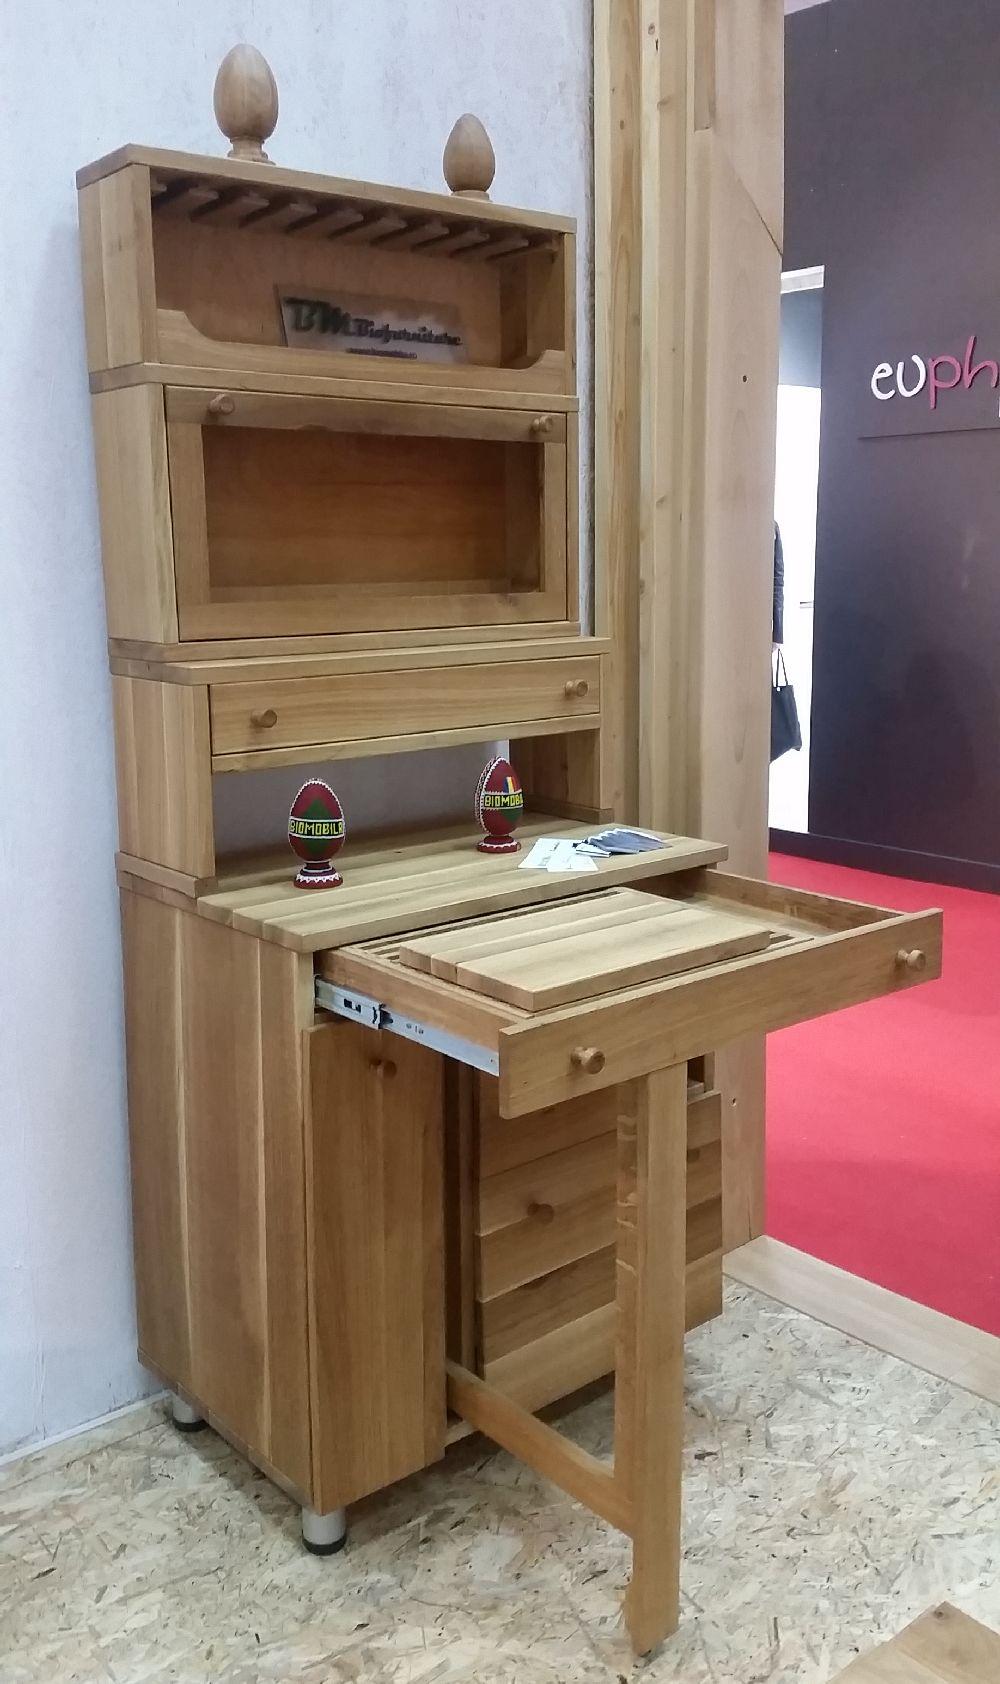 adelaparvu.com despre mobila, jucarii si parchet din lemn masiv, Biojucarii, Biomobila, Suceava (6)